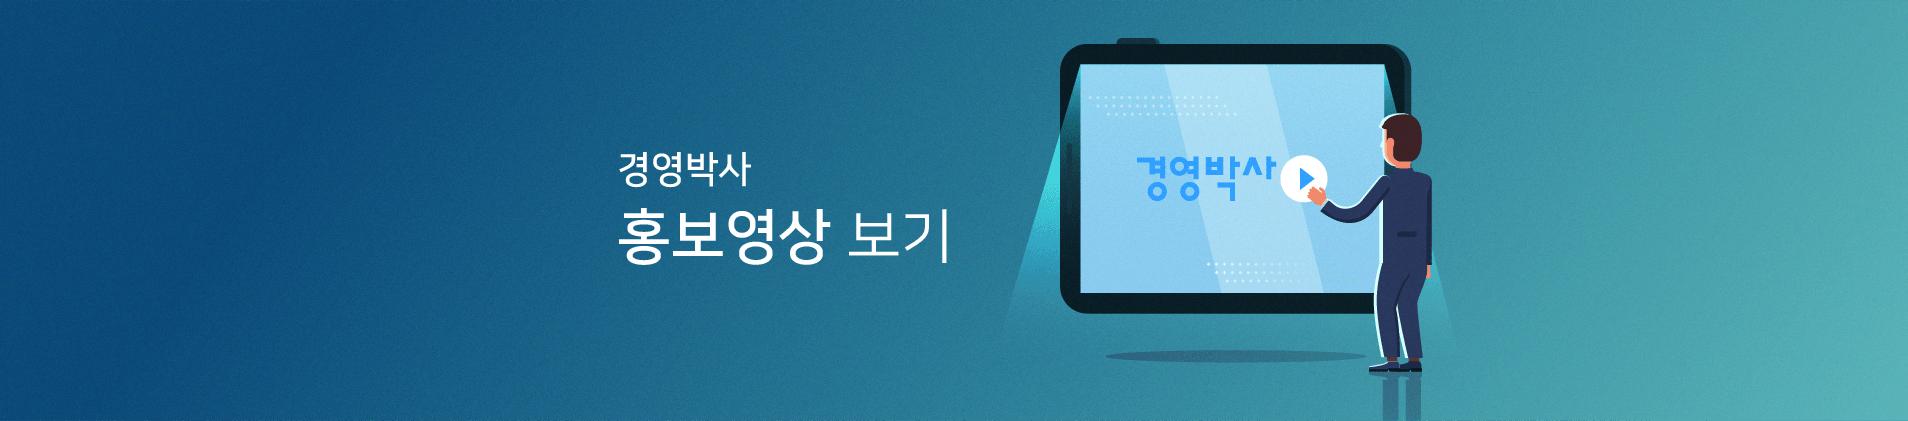 경영박사 제품 소개 동영상